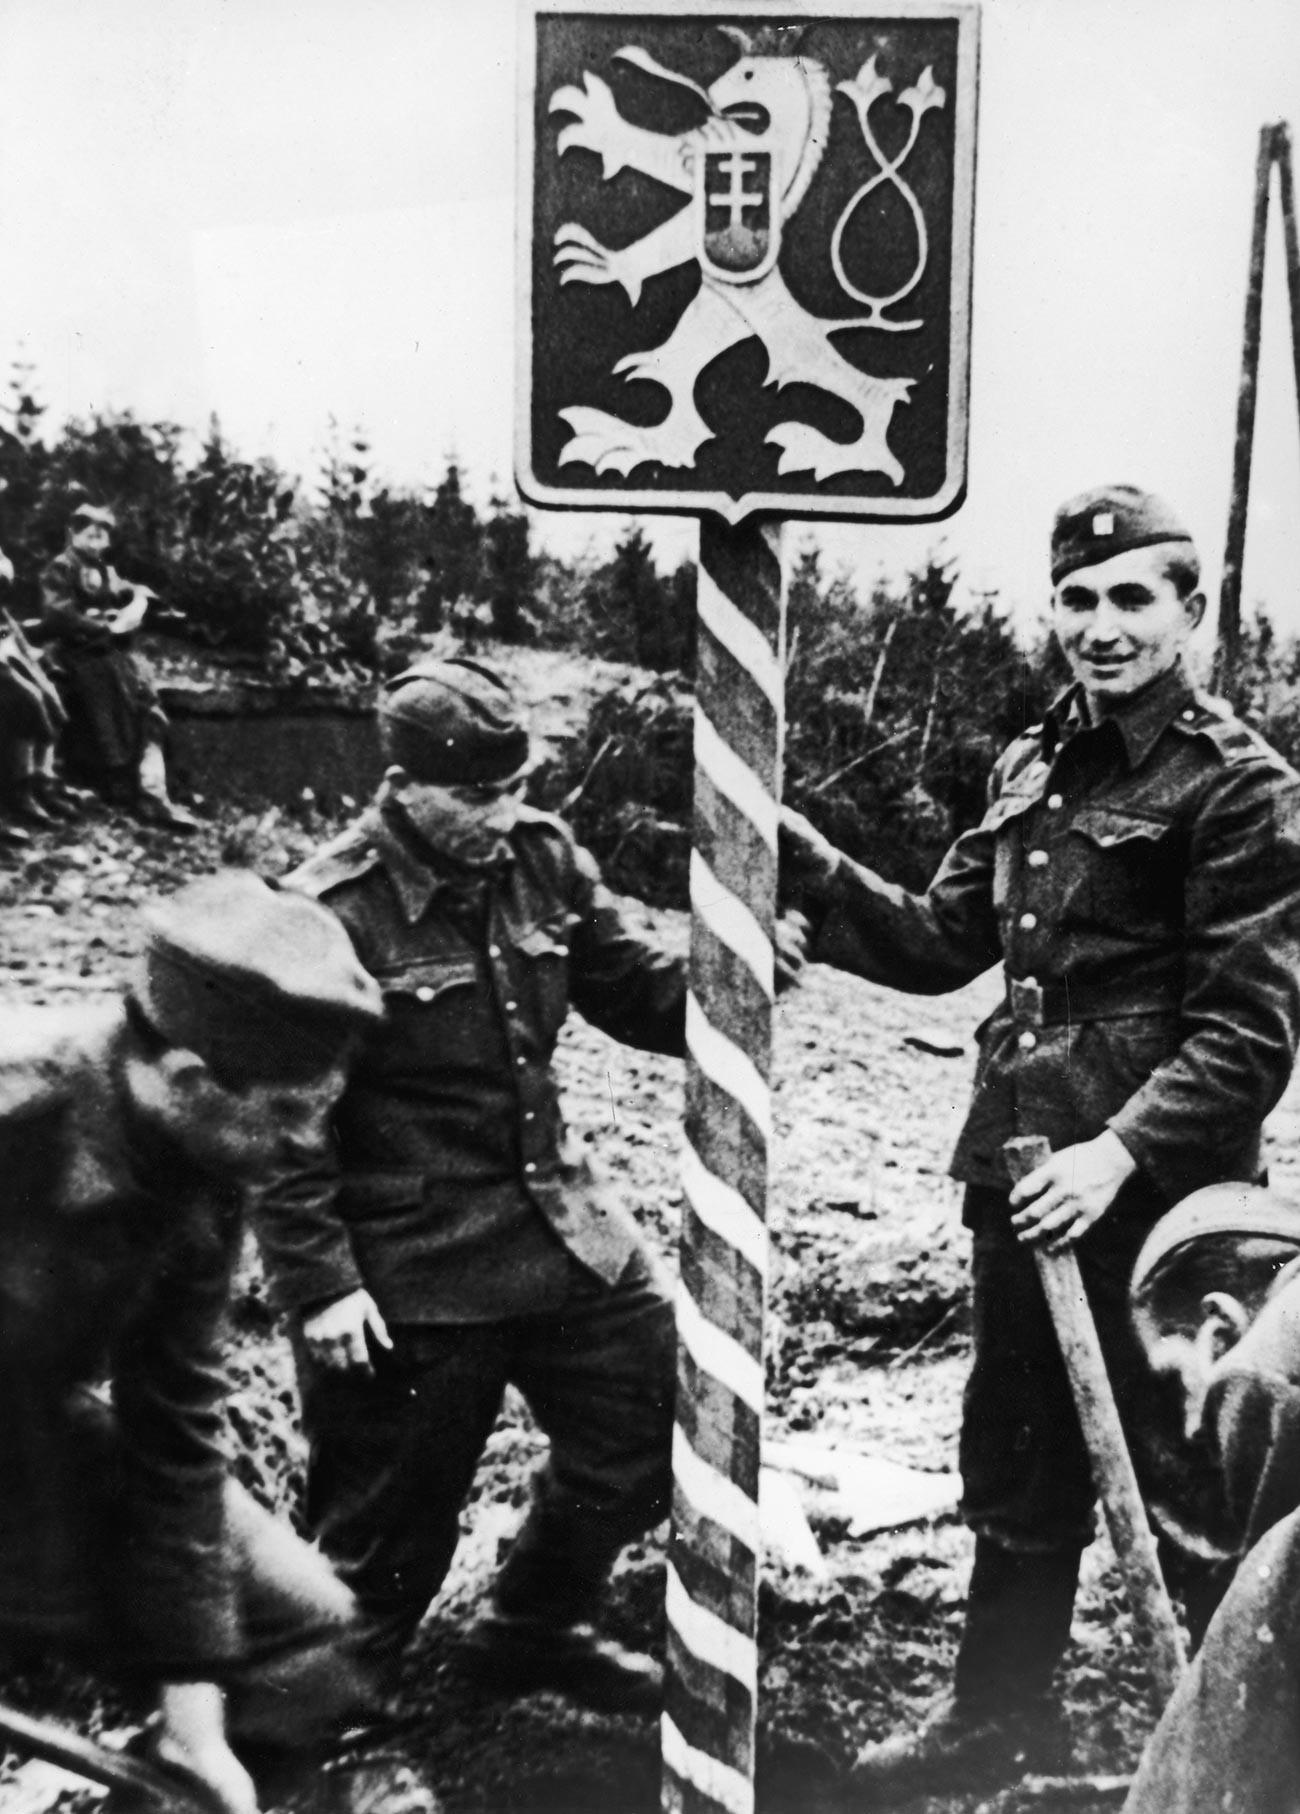 Des soldats tchèques portant des uniformes russes érigent un nouveau poste frontière près du col de Dukla, dans une partie de leur pays nouvellement libérée, le 13 décembre 1944